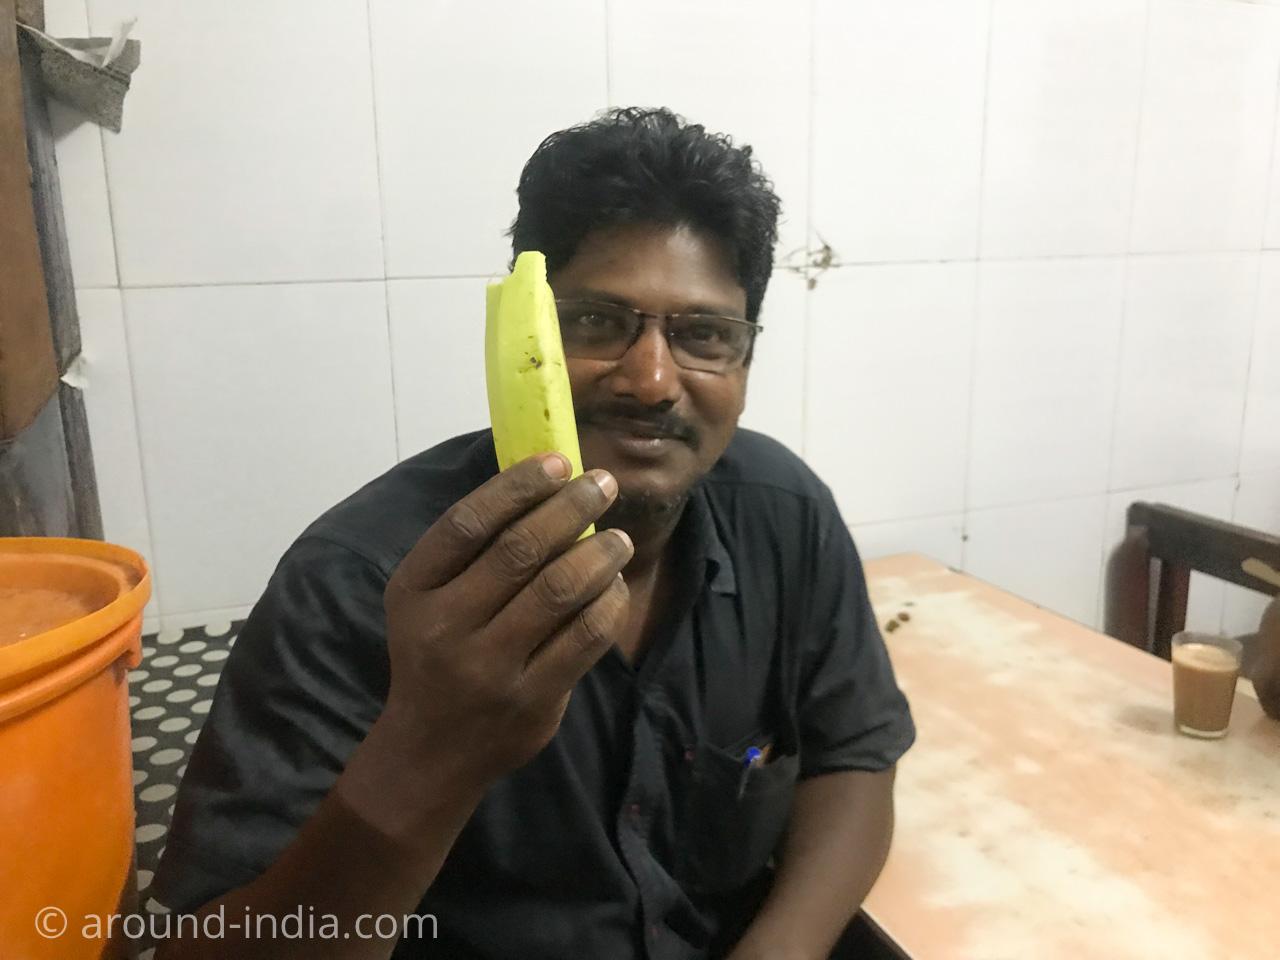 ケララ伝統料理食堂Onakkan Bharatiバナナをもつお客さん